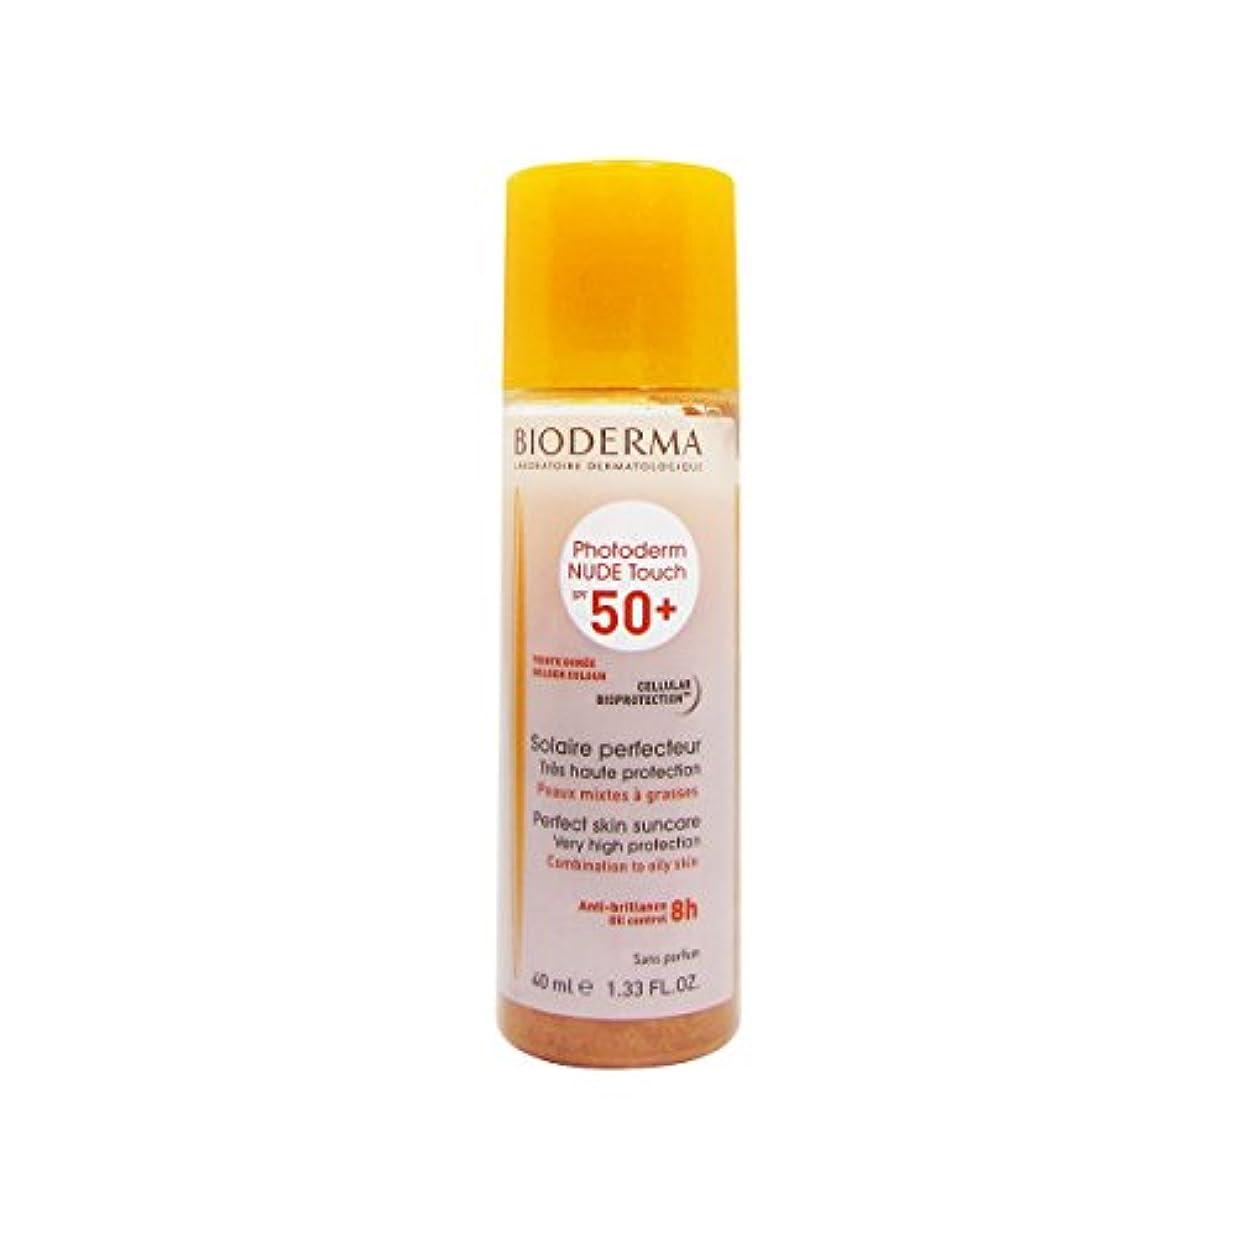 熱意かんたん台無しにBioderma Photoderm Nude Touch Spf50 + Golden 40ml [並行輸入品]